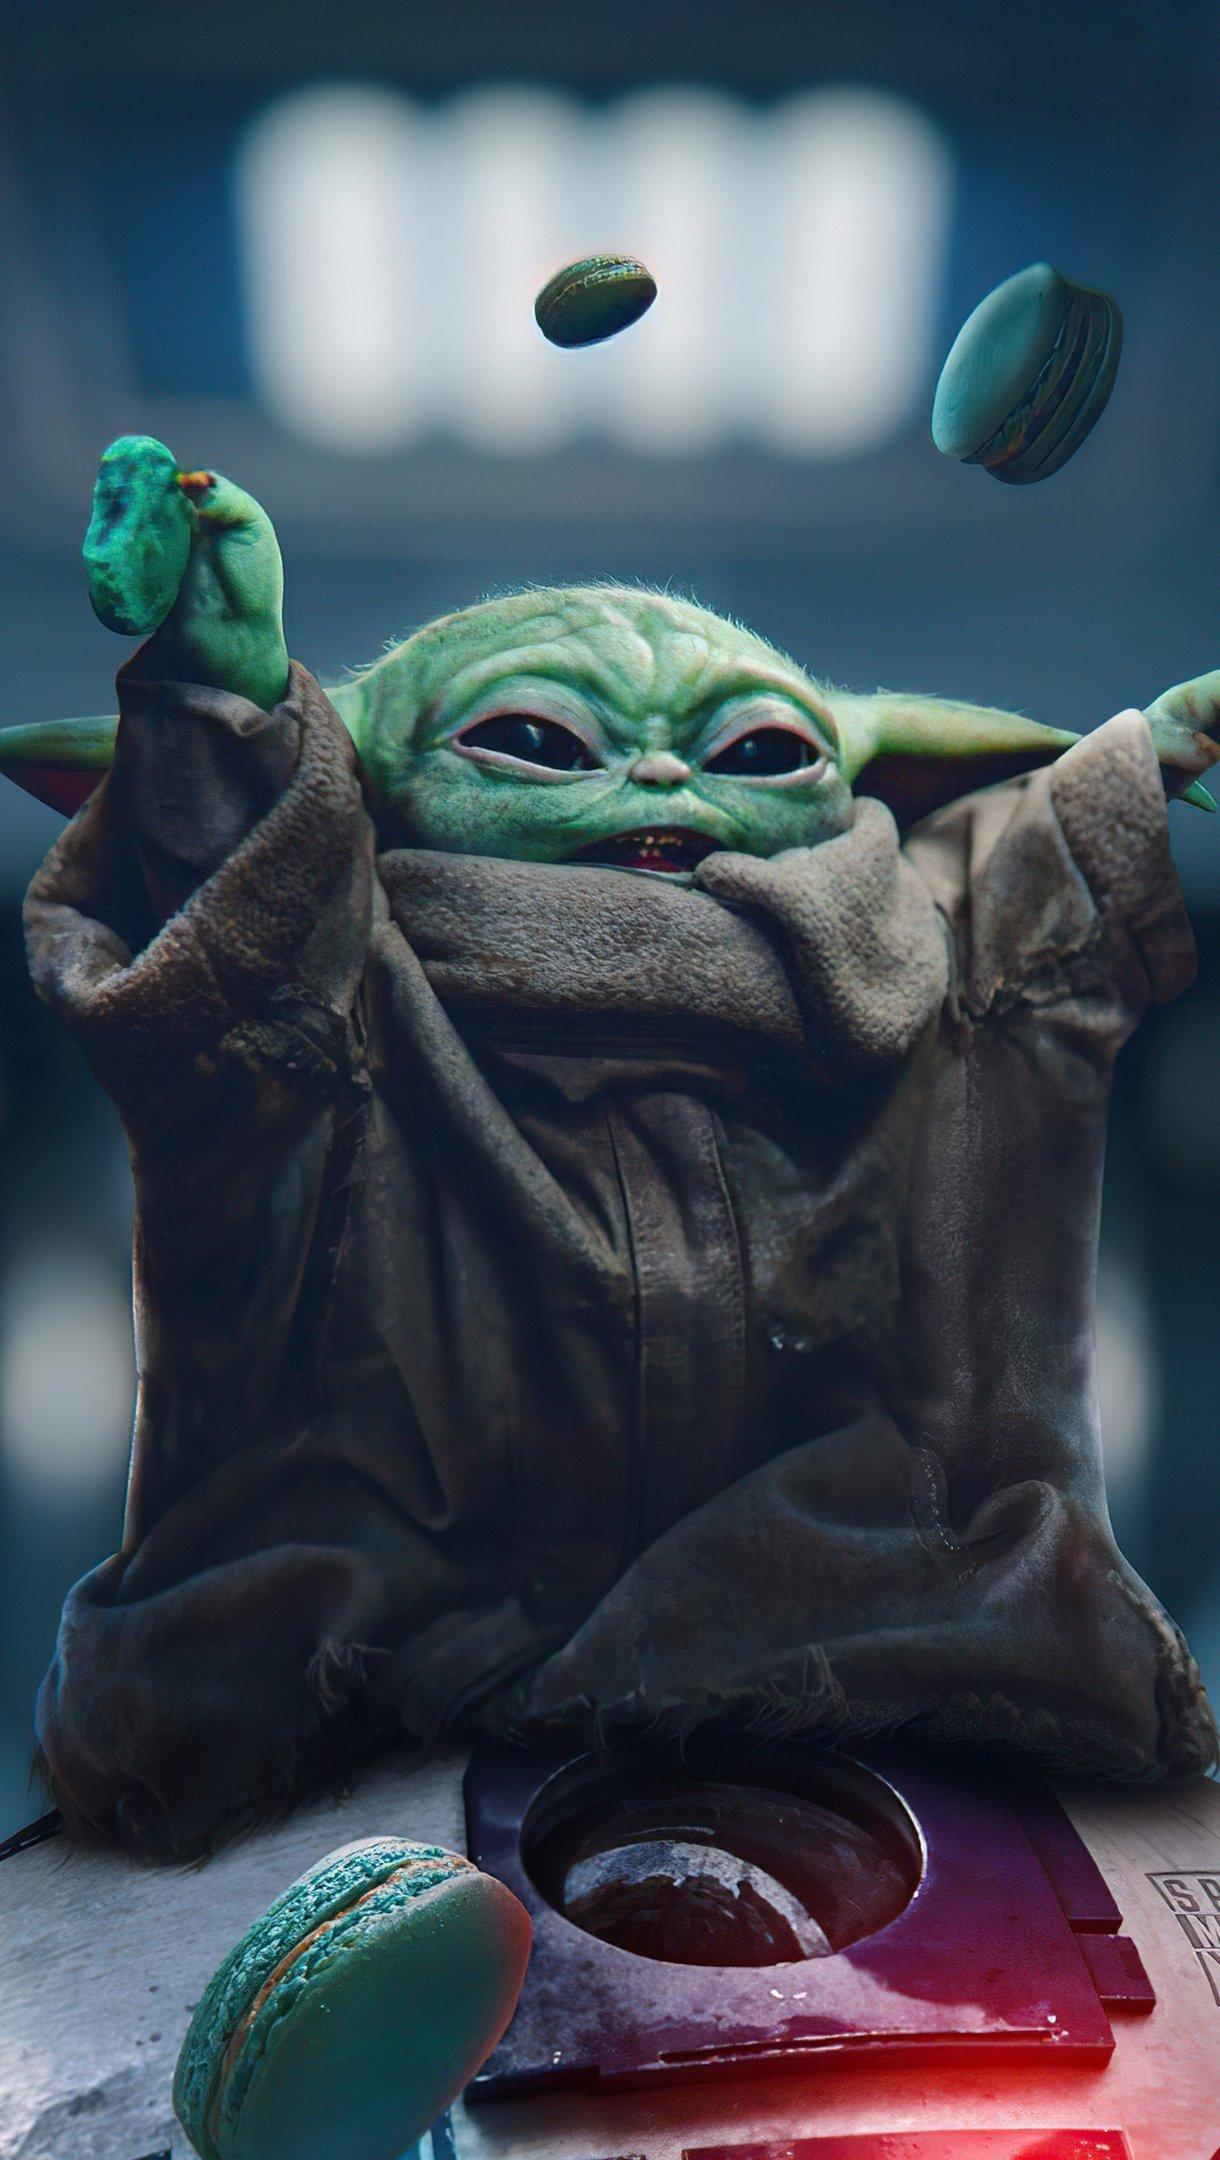 Fondos de pantalla Baby Yoda The Mandalorian Vertical